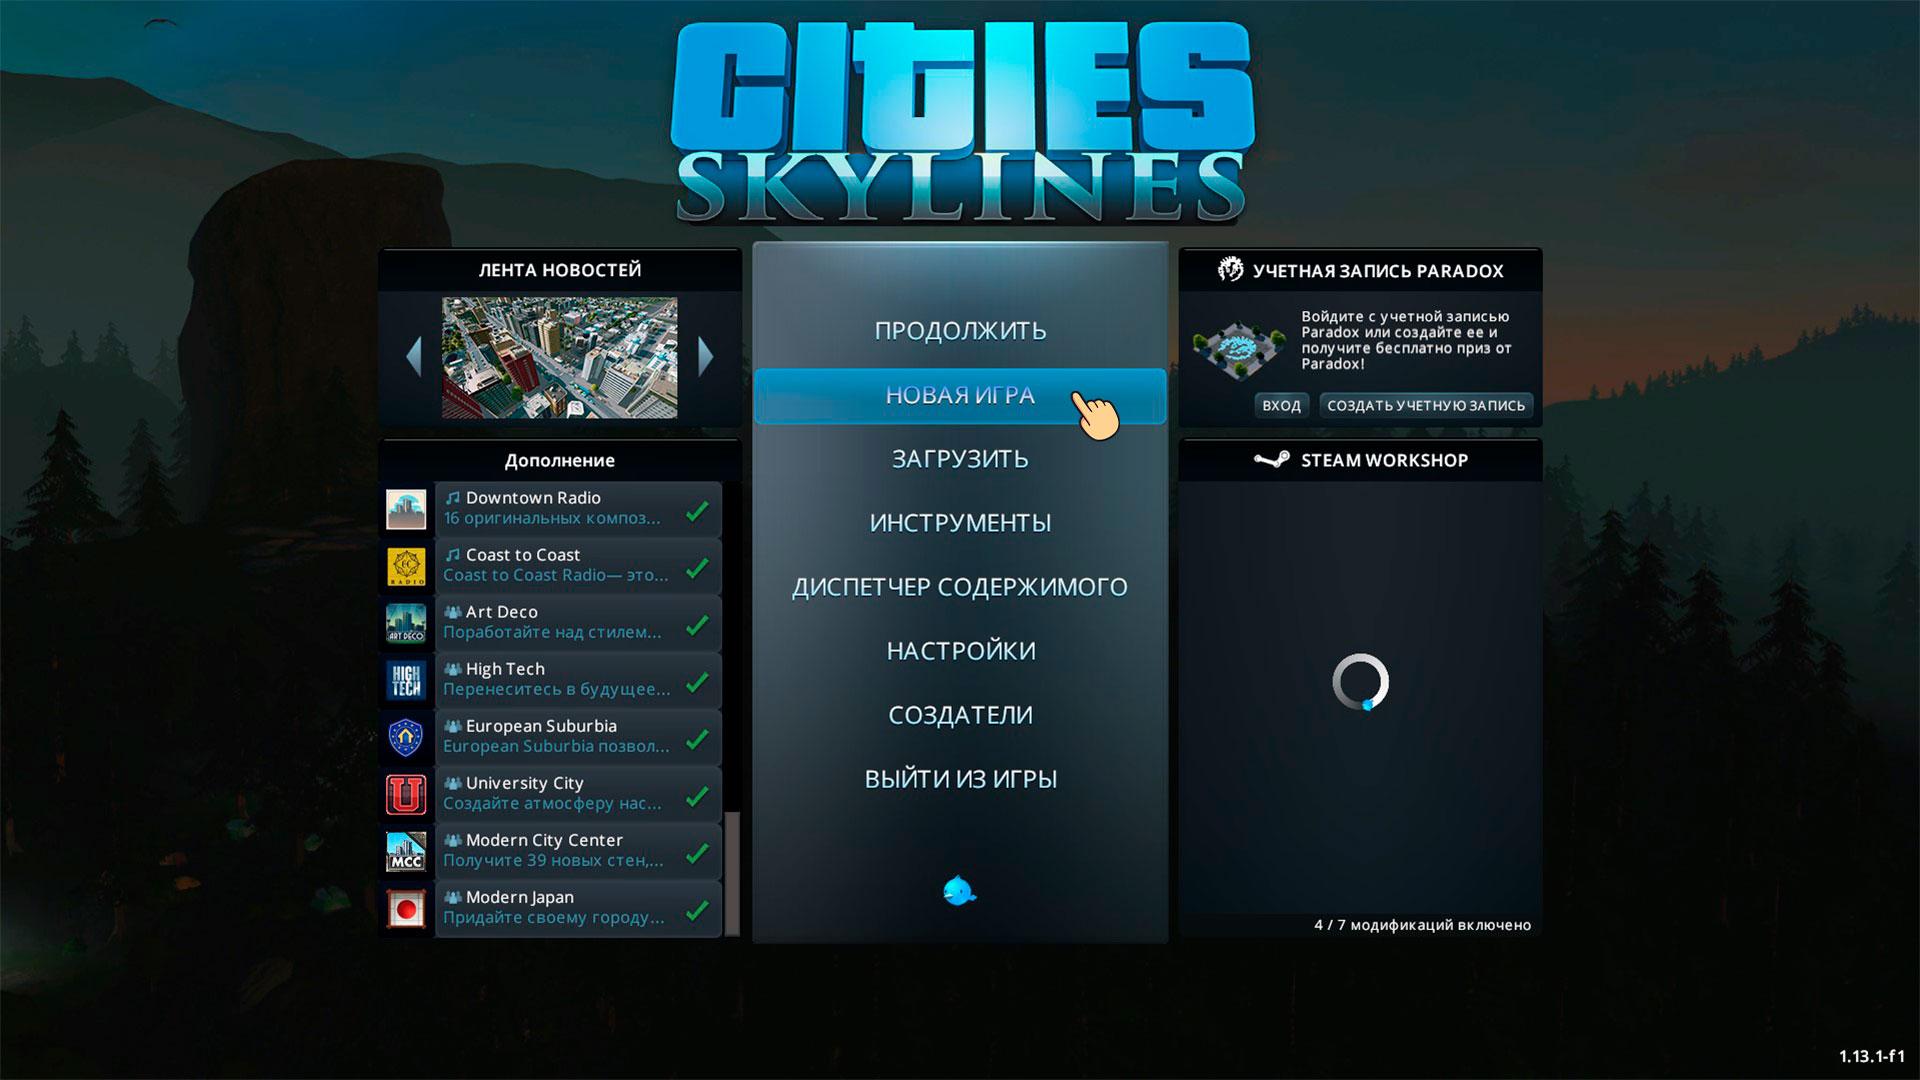 Новая игра cities skylines